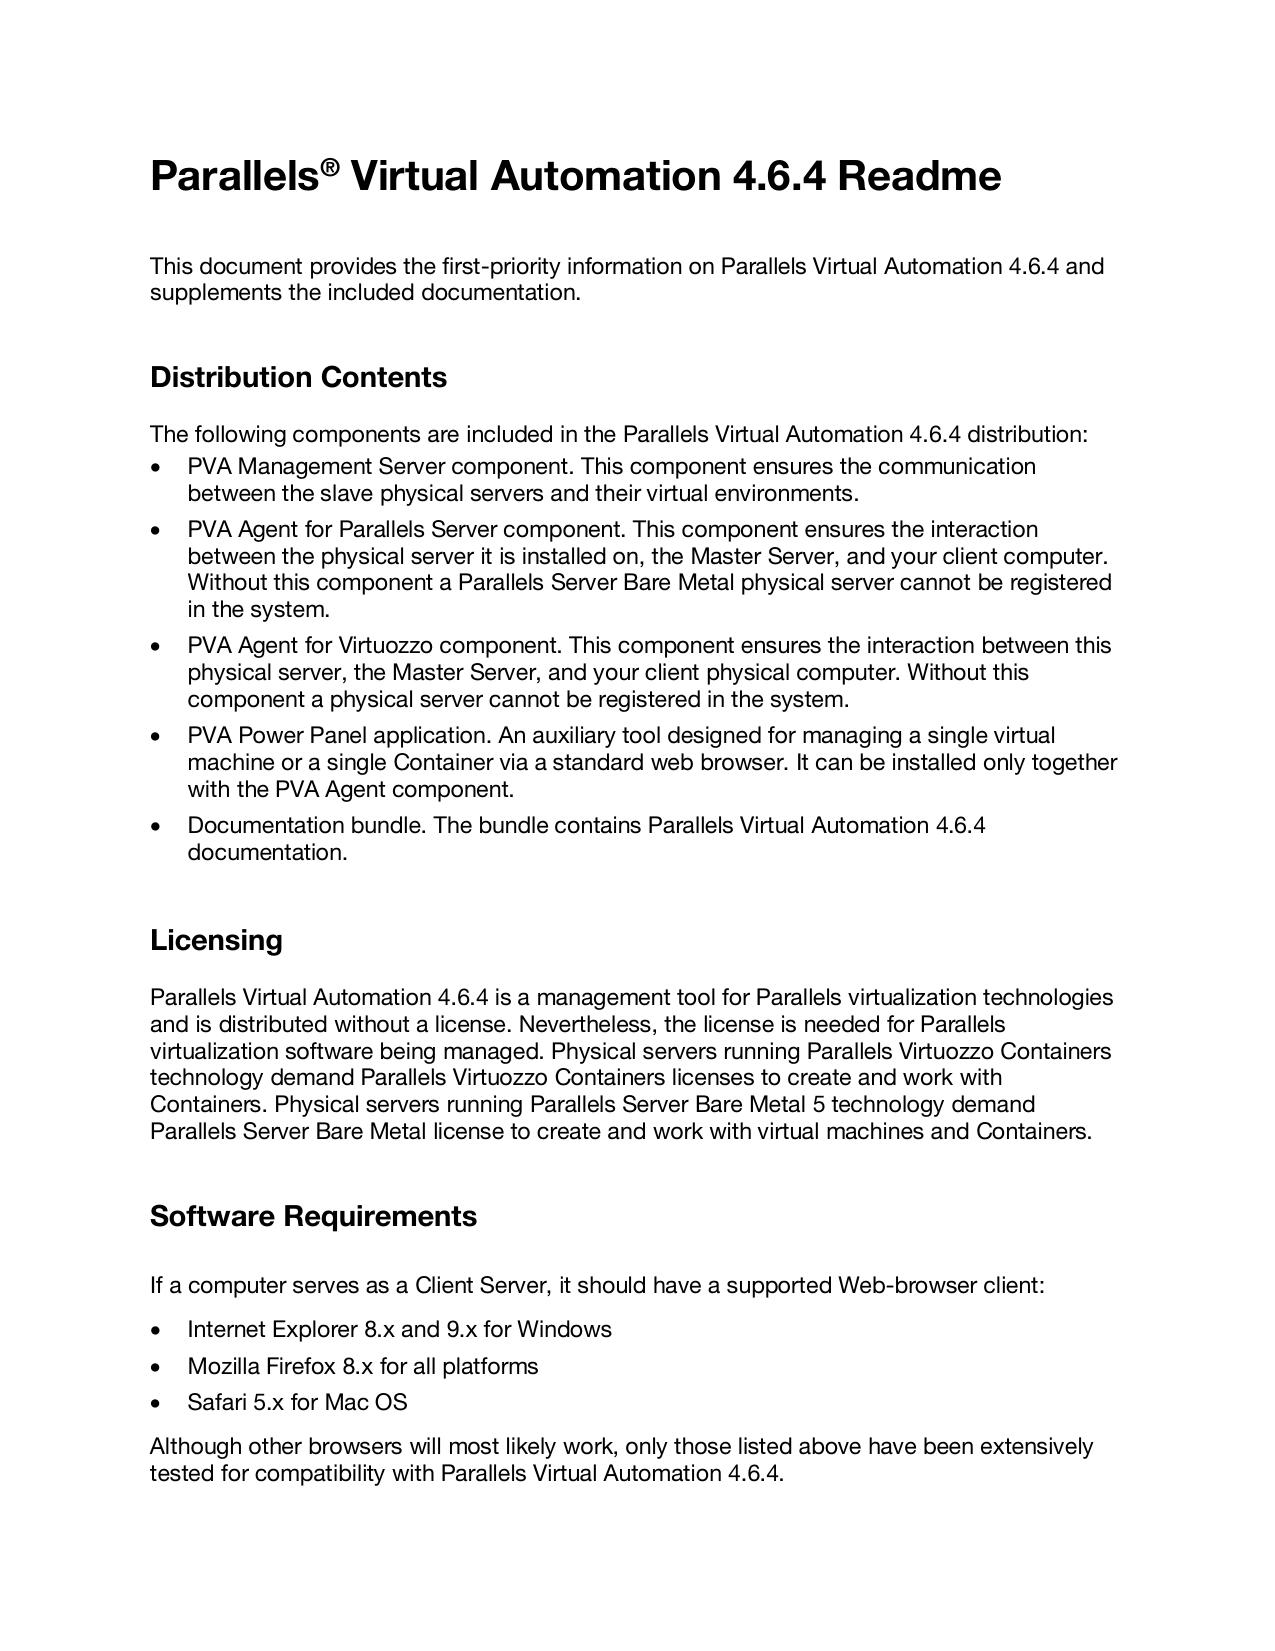 Parallels® Virtual Automation 4 6 4 Readme   manualzz com